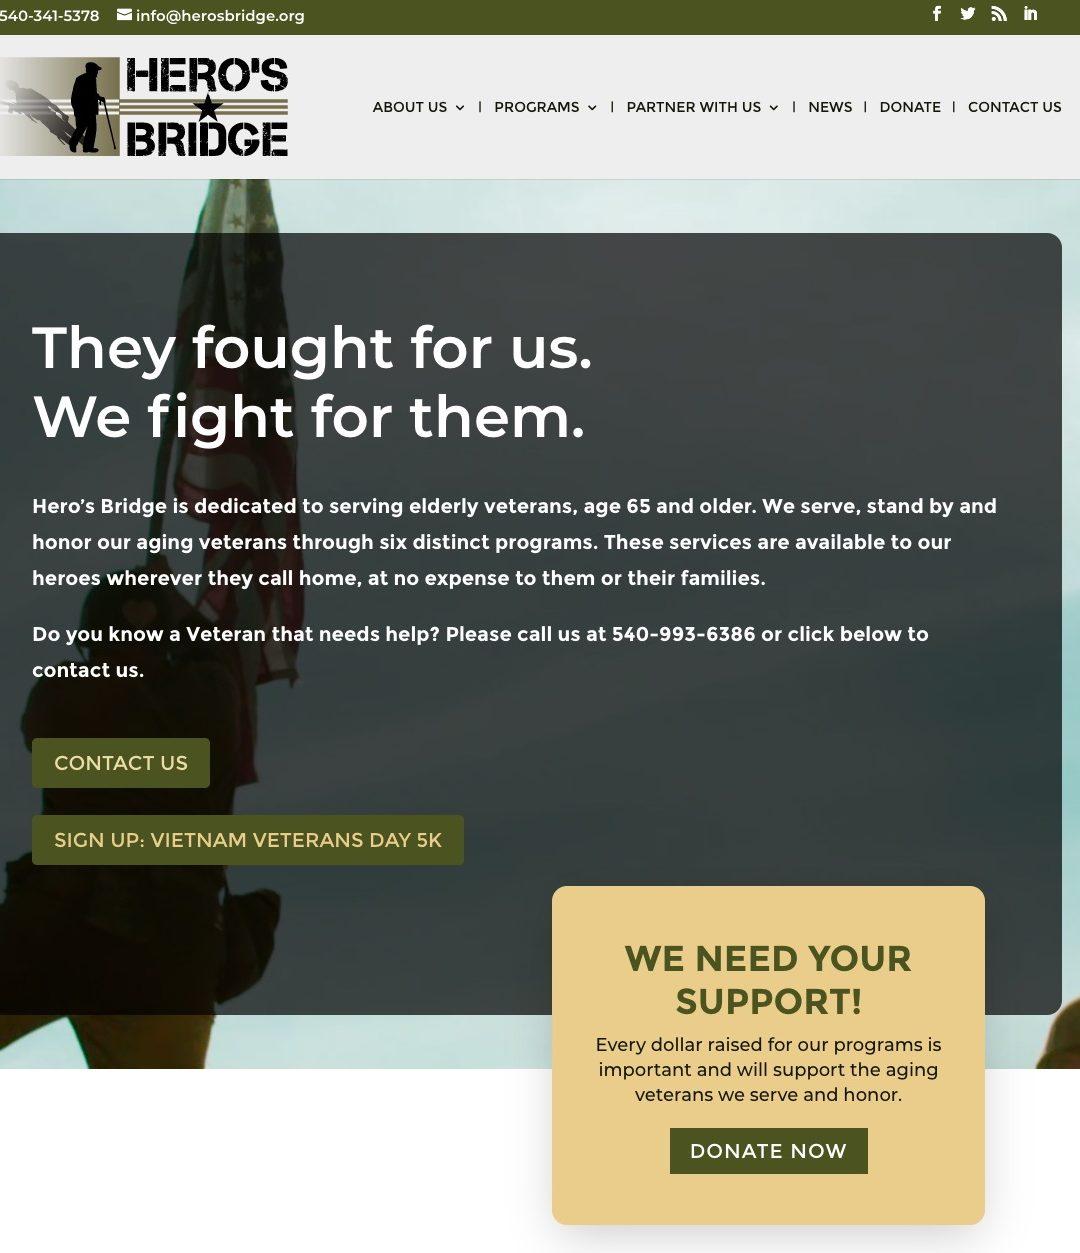 Hero's Bridge